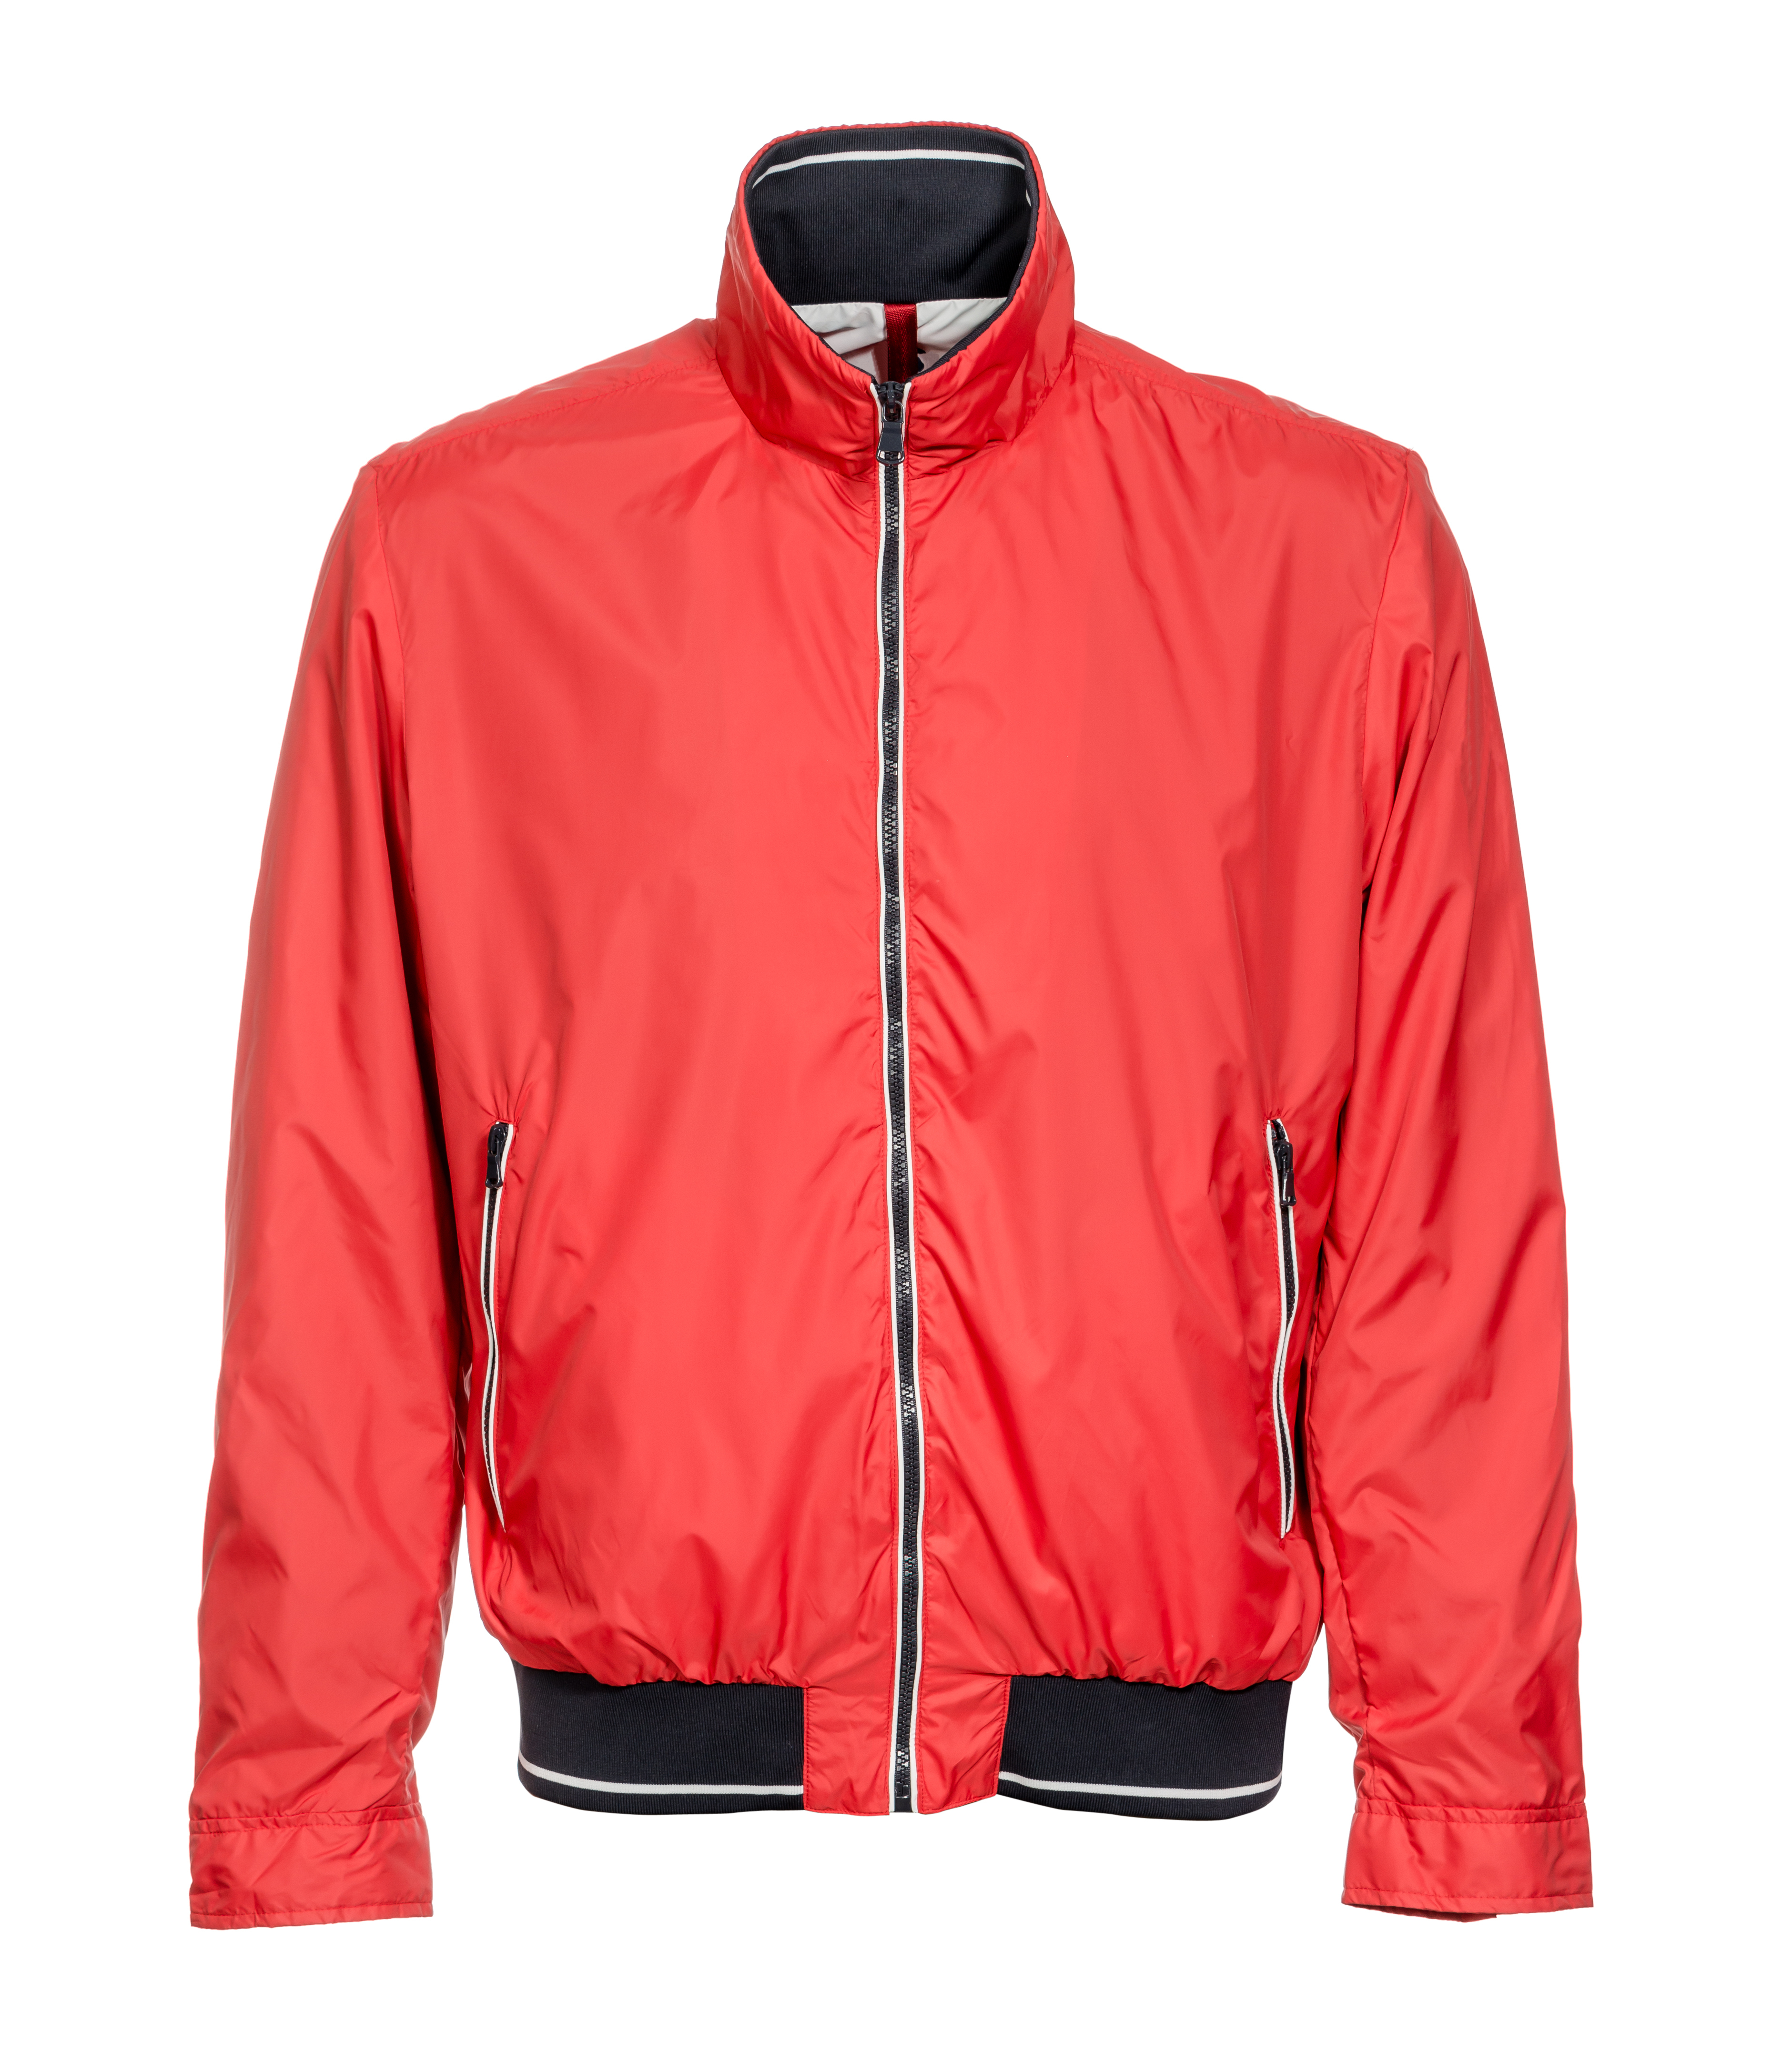 Custom made jackets (10)